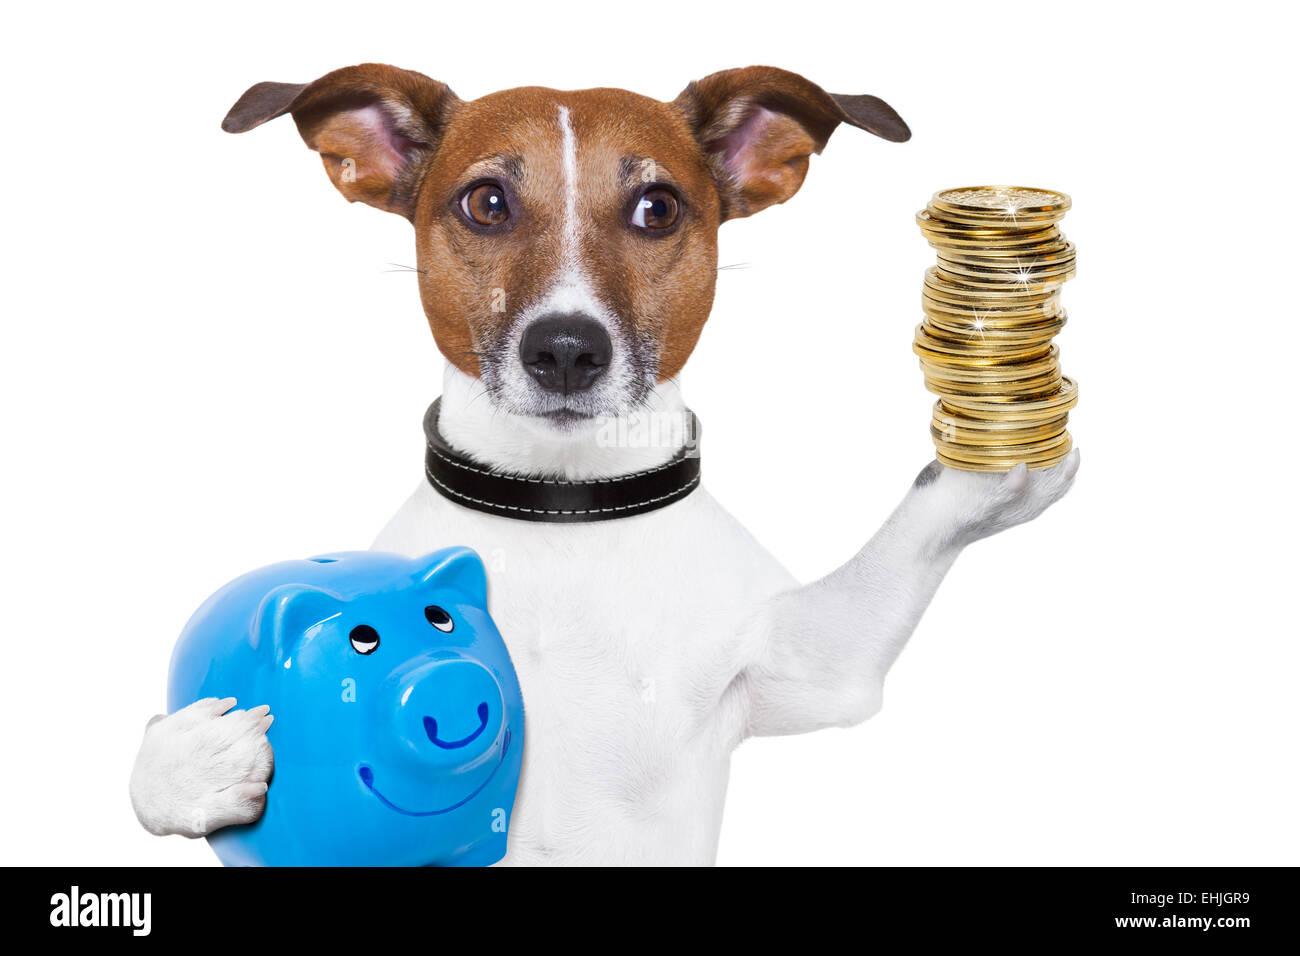 money saving dog - Stock Image